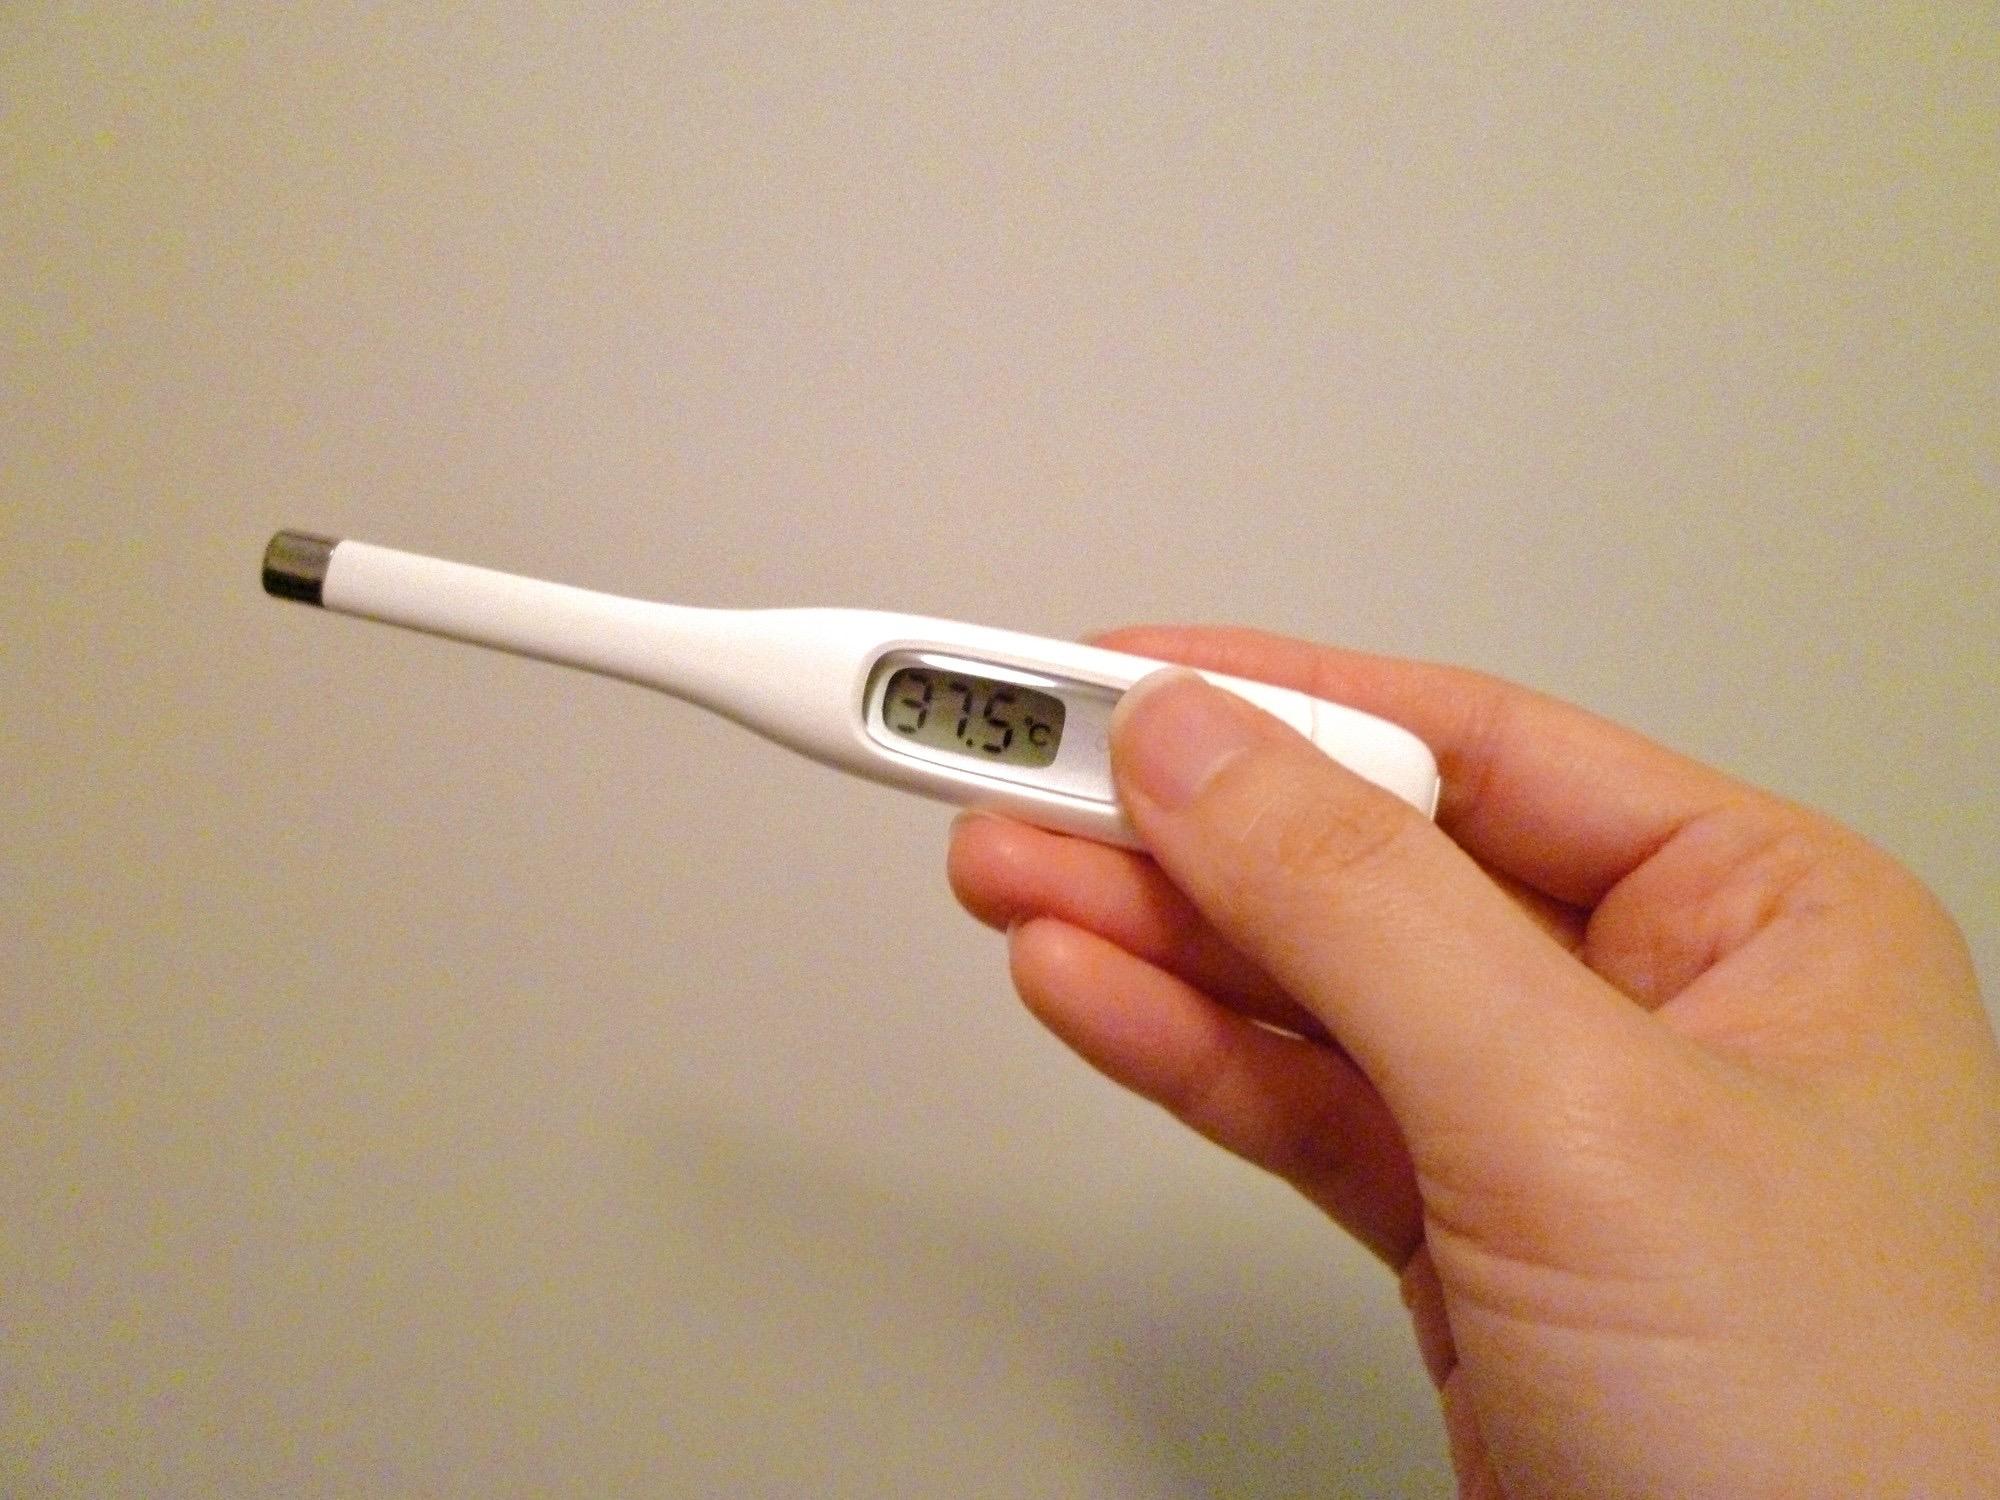 電子体温計は10分後の体温を予測している!/身のまわりのモノの技術(11)【連載】